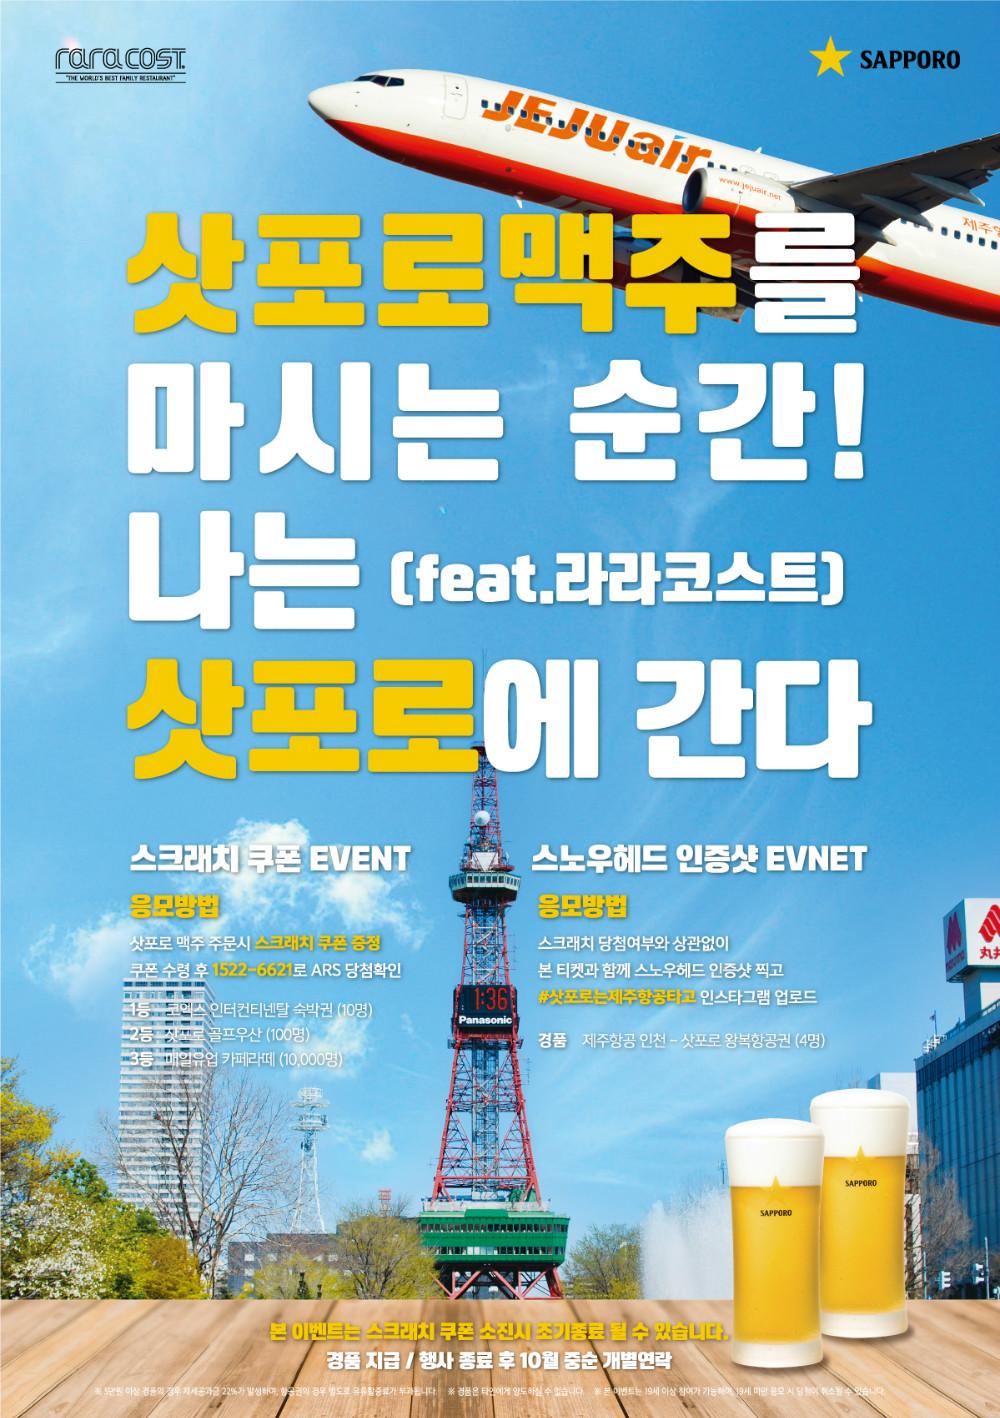 [포스터]-삿포로-제주도-이벤트_아웃라인.jpg